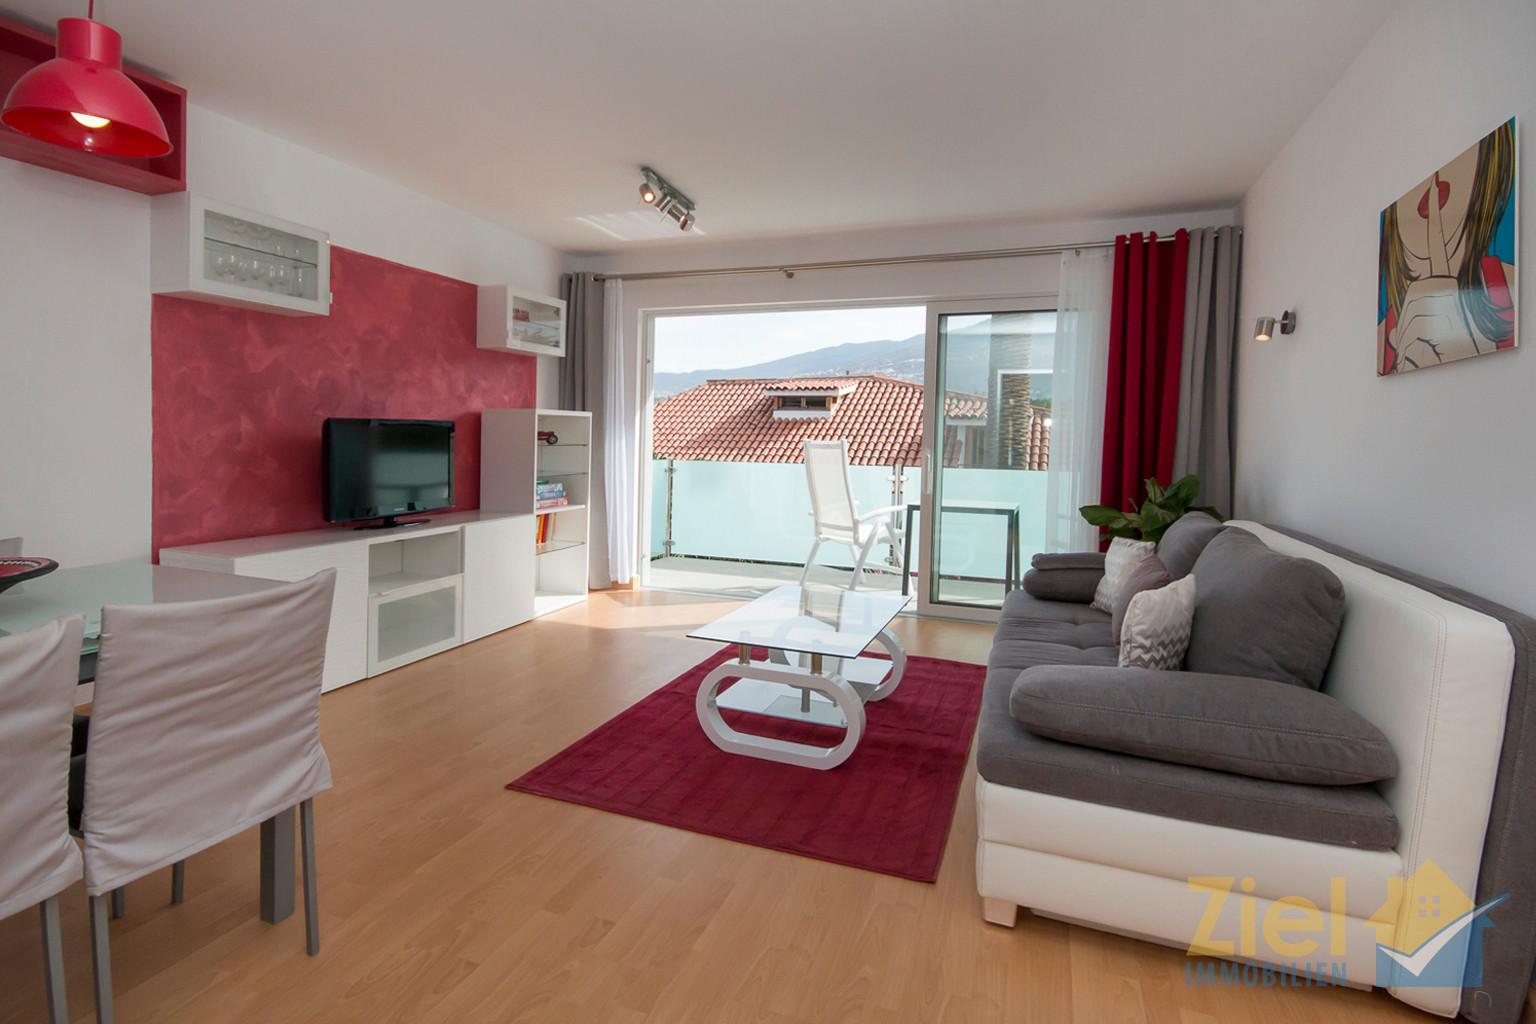 Wohnzimmer mit Balkon breitem Balkonzugang